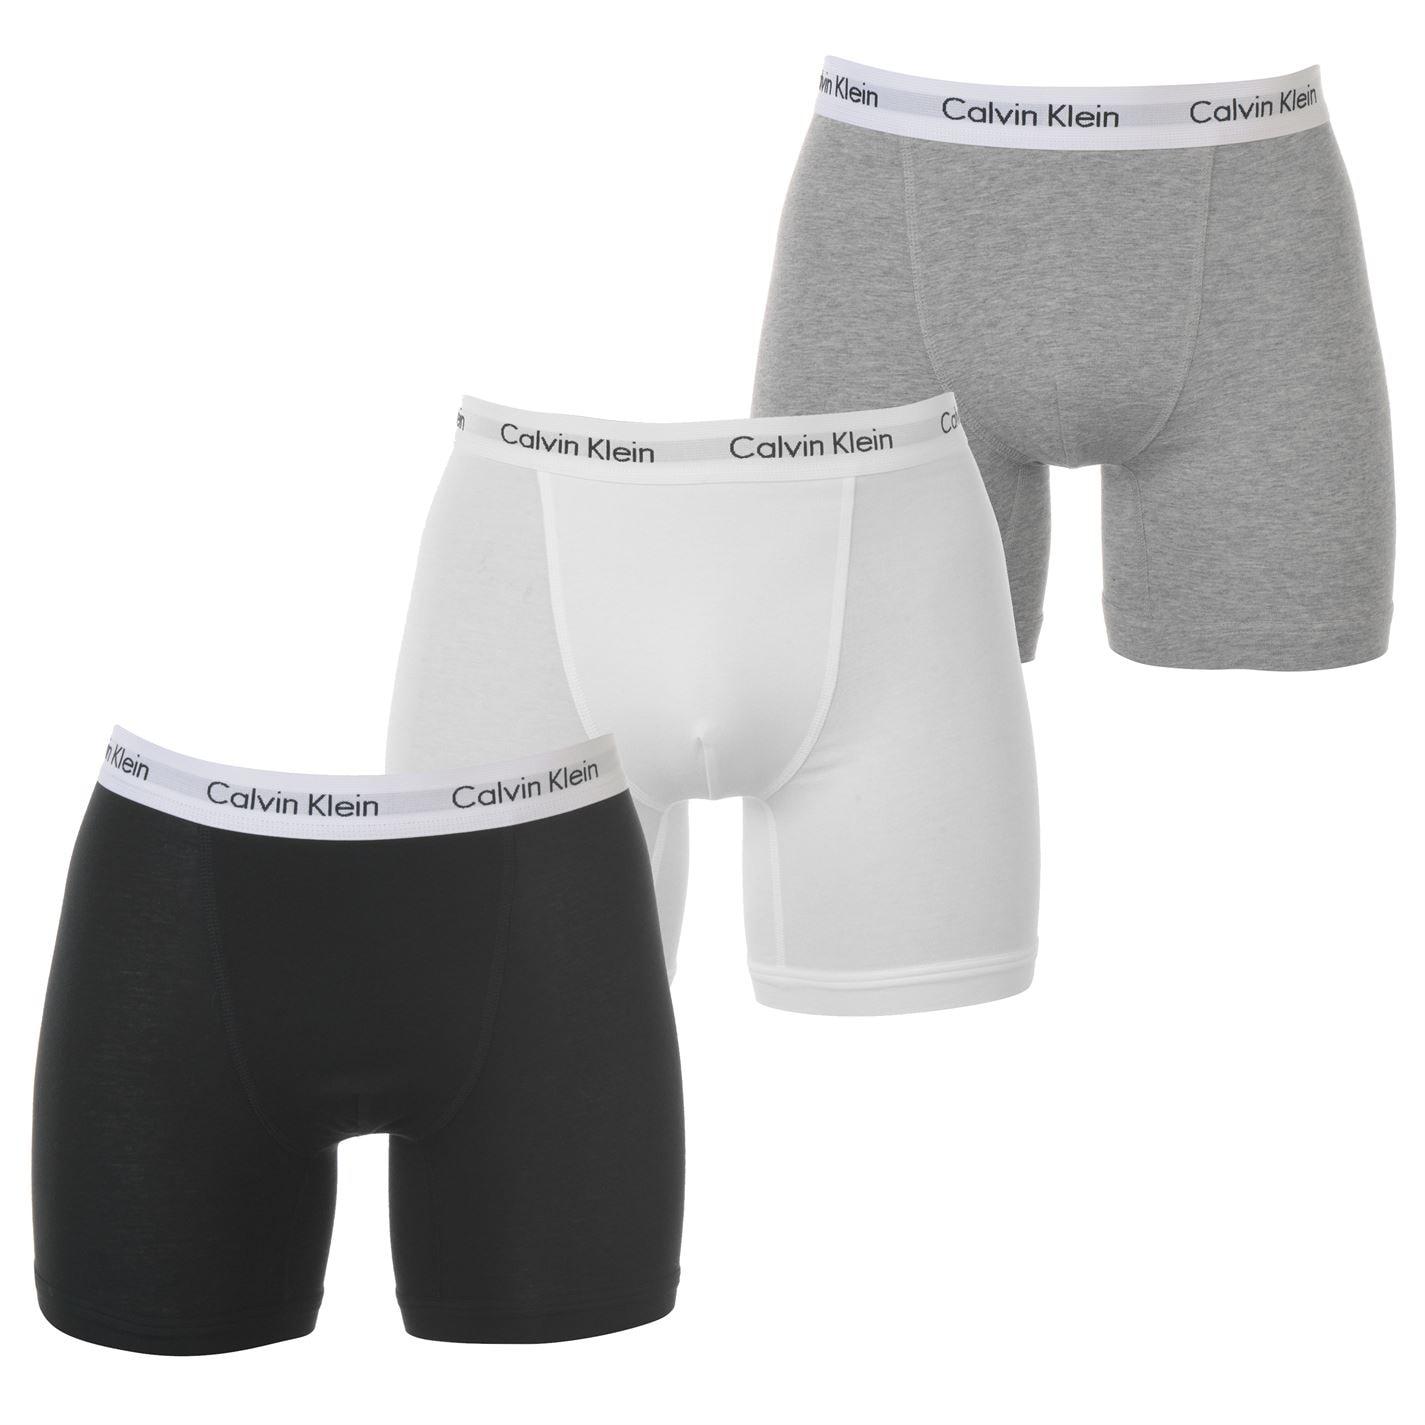 Calvin Klein Pack Boxer Briefs